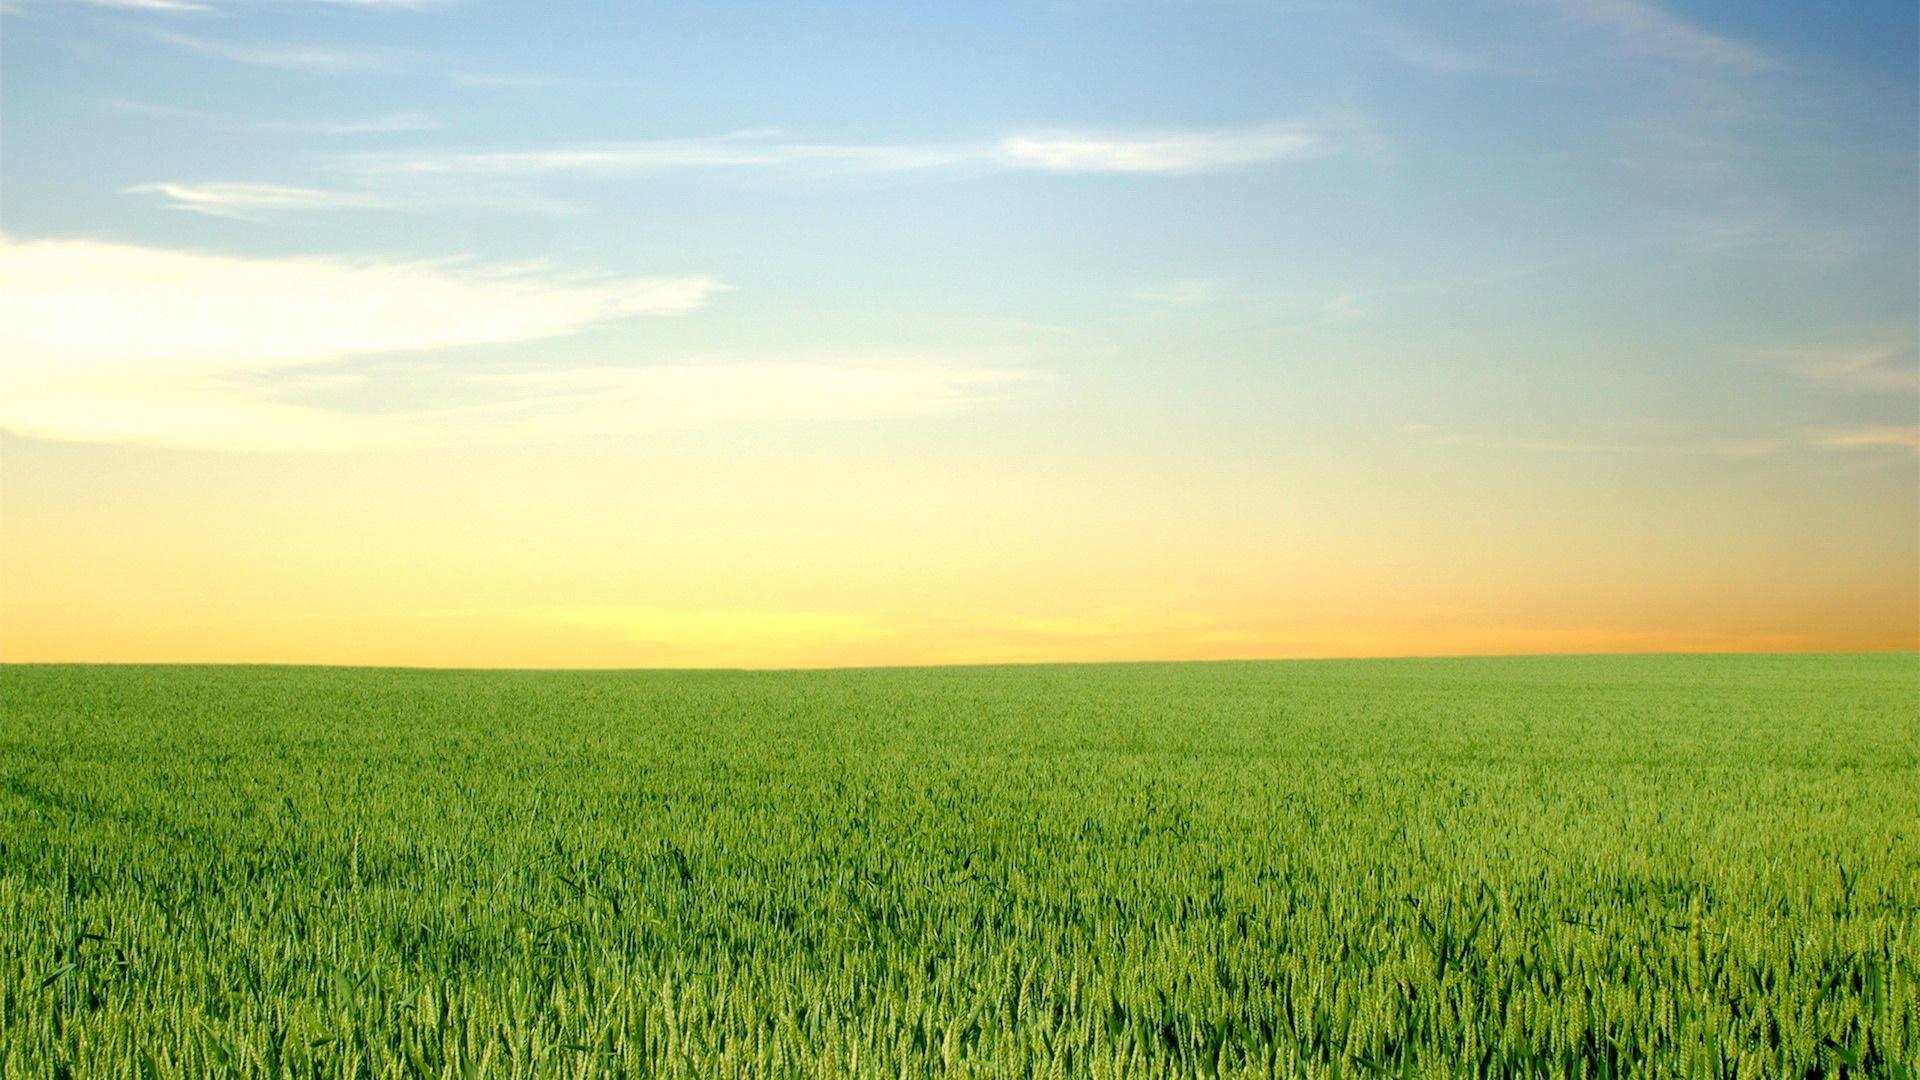 Field Desktop Wallpaper